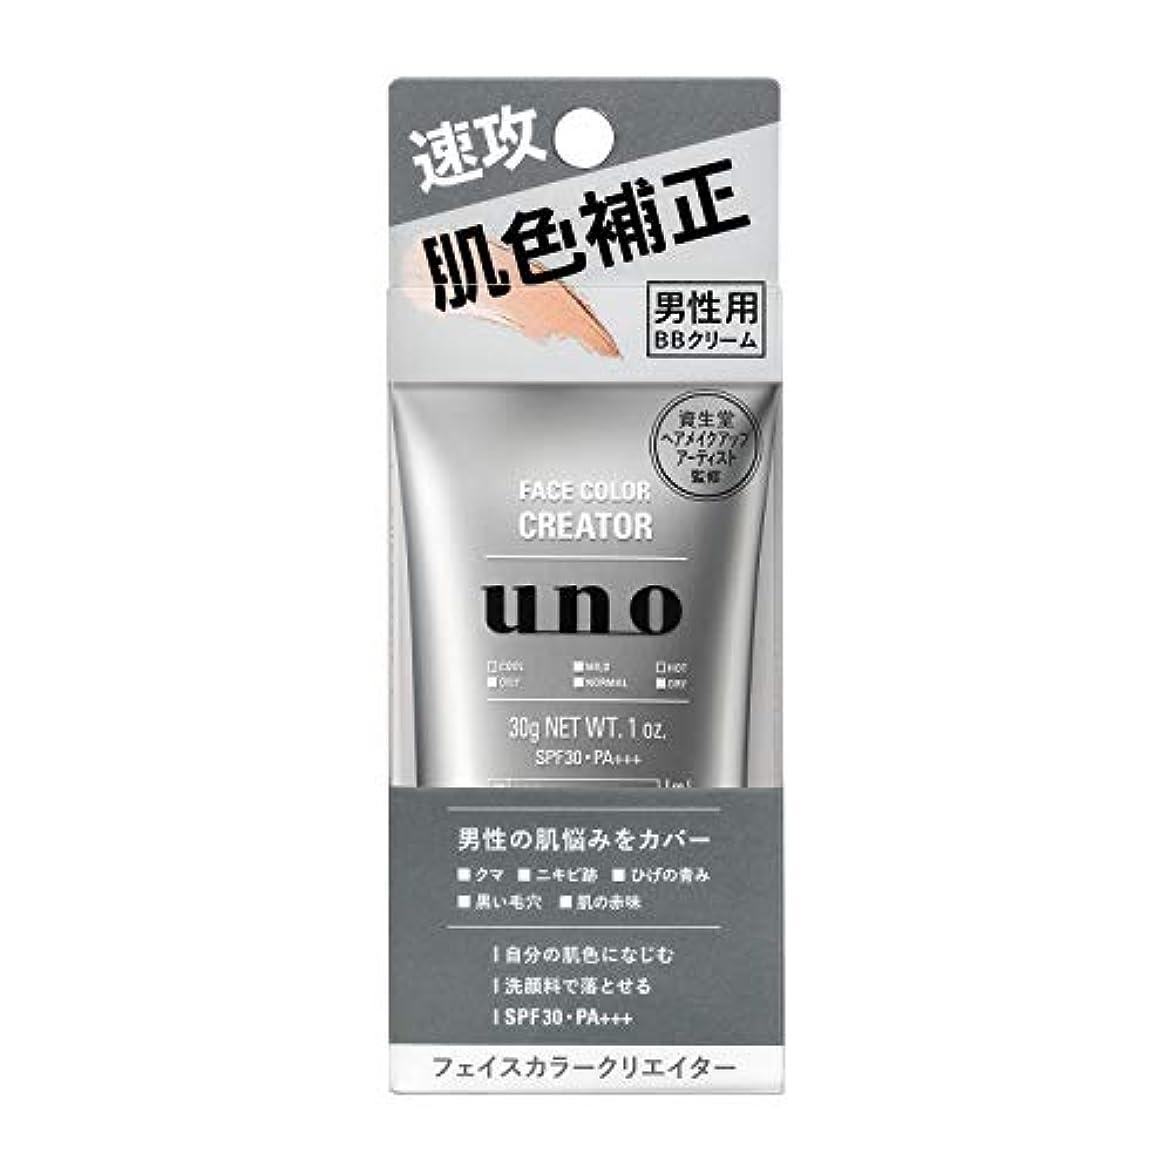 オーチャード異常な恨みUNO(ウーノ)フェイスカラークリエイター BBクリーム メンズ SPF30 PA+++ 30g